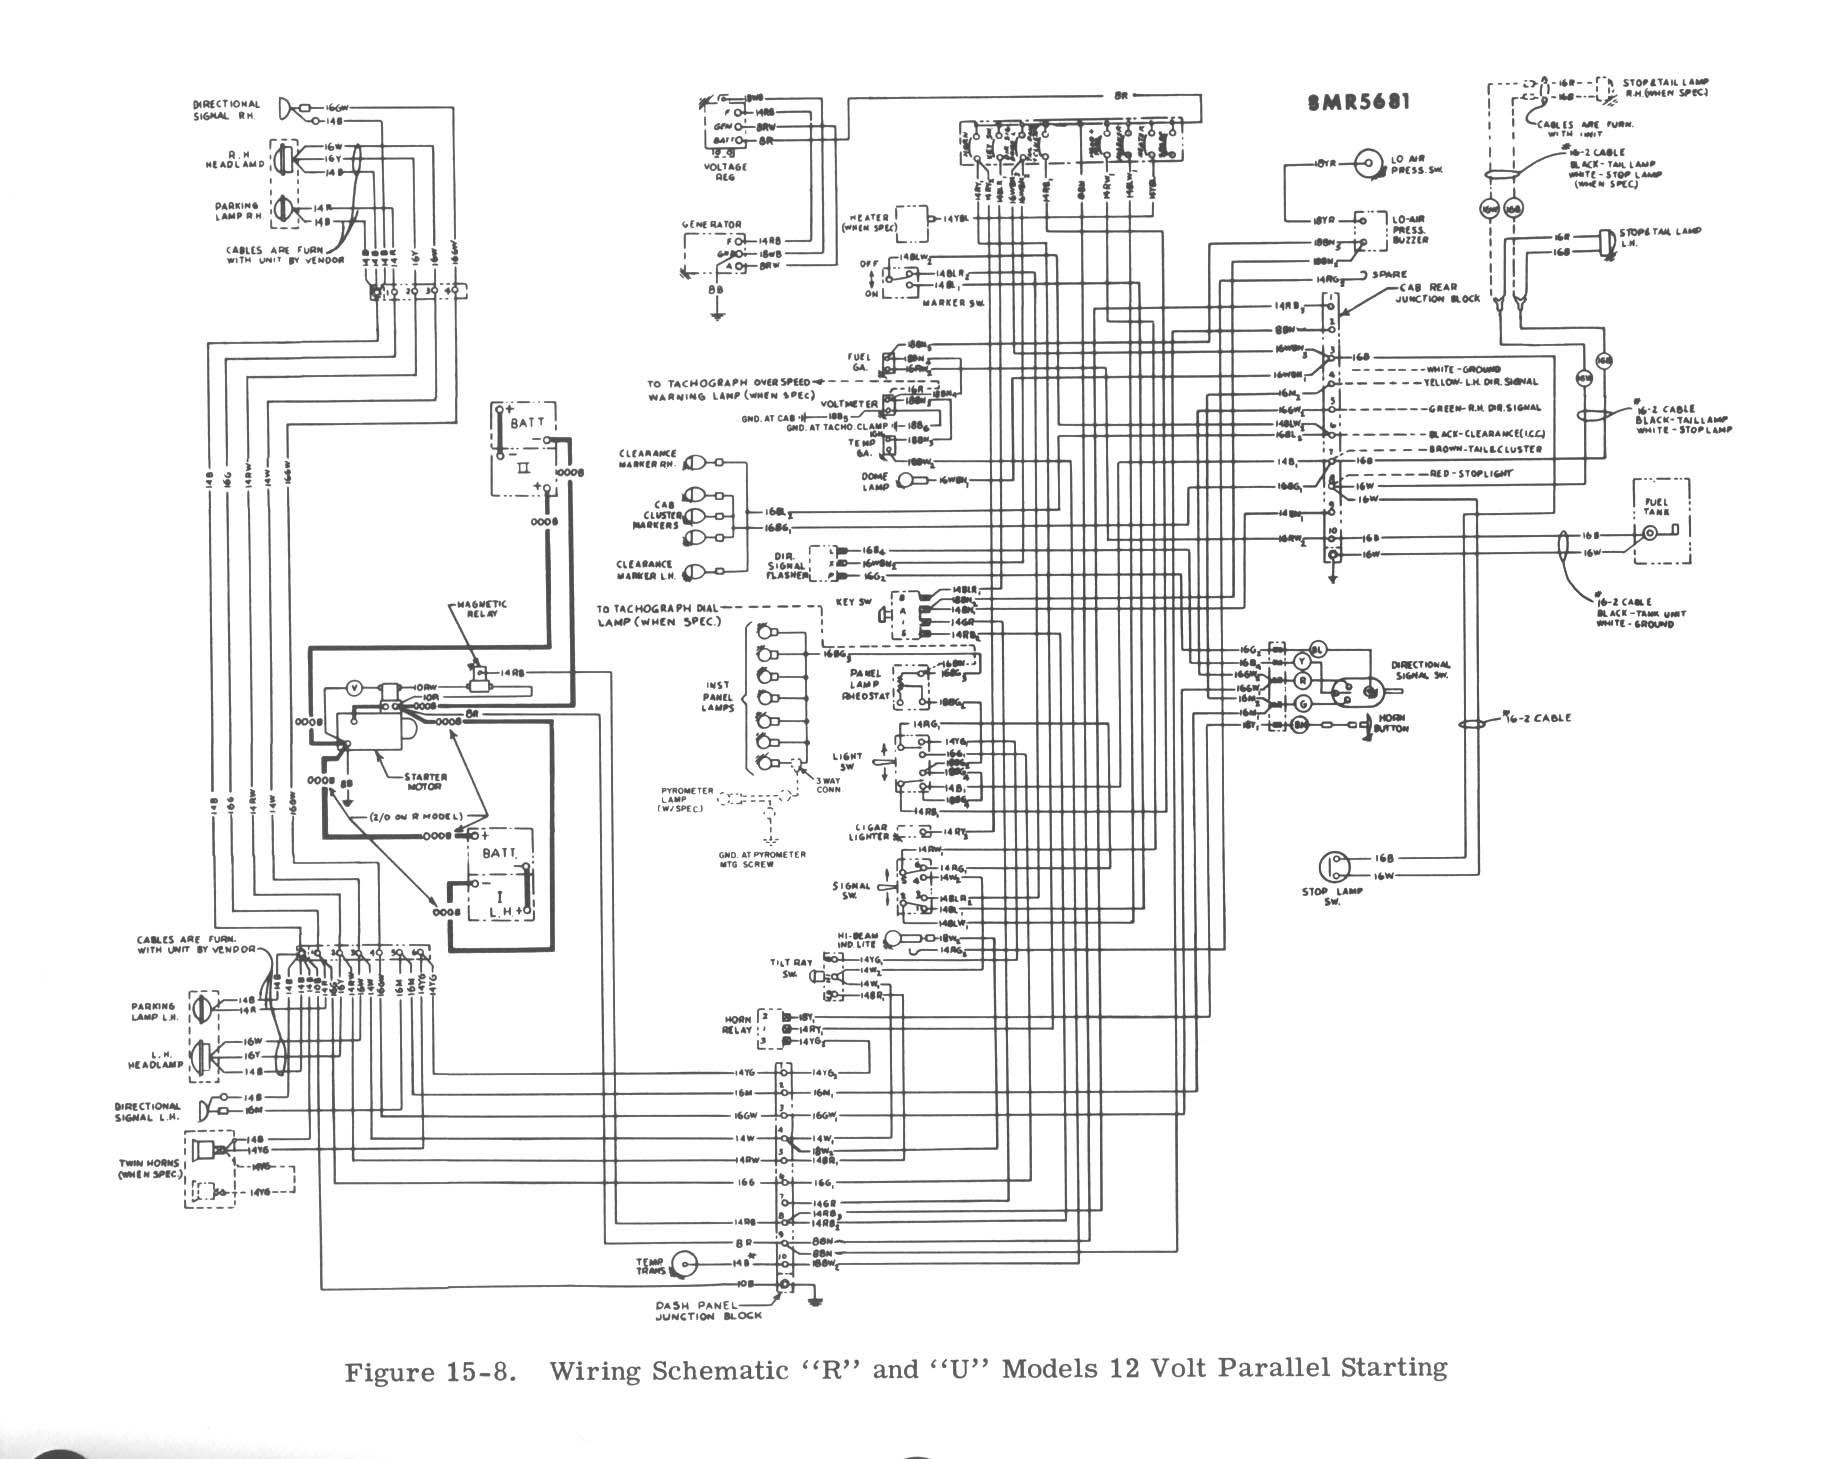 John Deere 345 Dash Wiring Diagram Mack Granite Wiring Diagram Wiring Diagram Schematic Of John Deere 345 Dash Wiring Diagram